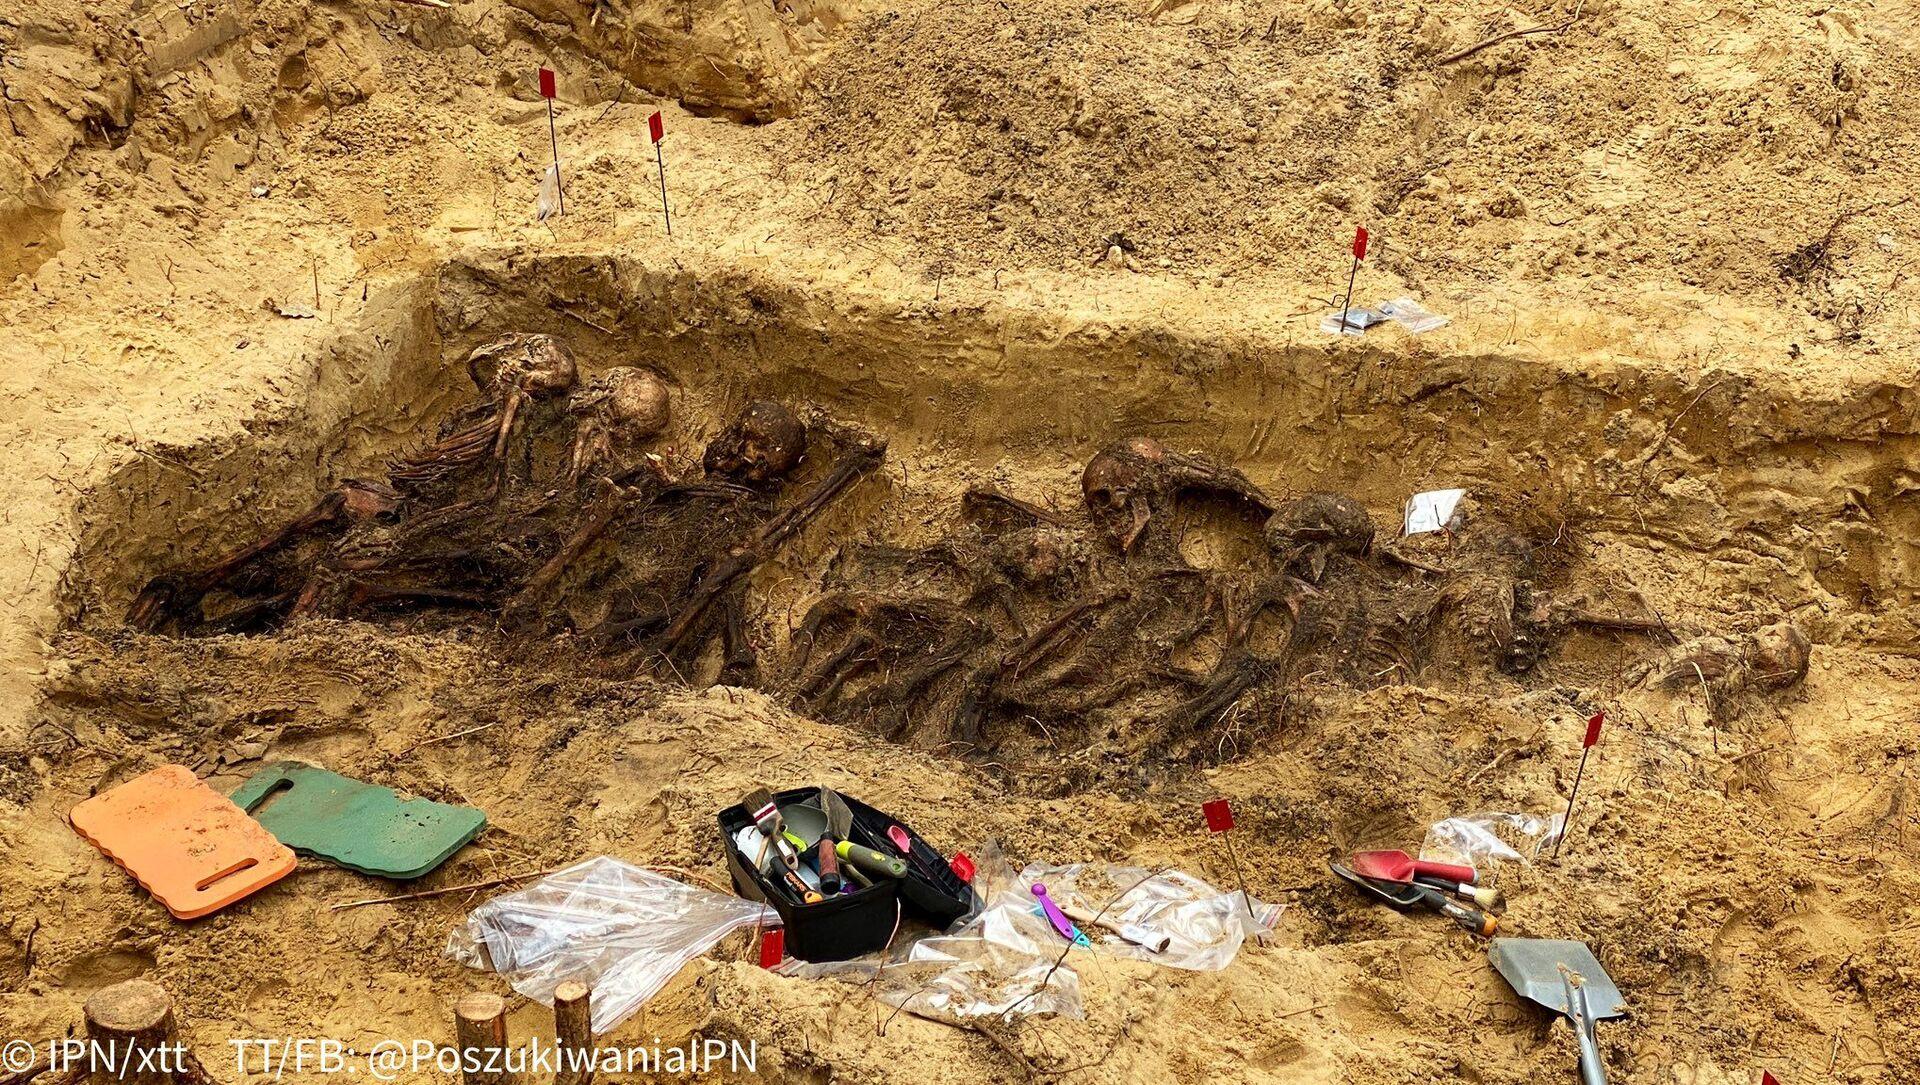 Polonya'da 2. Dünya Savaşı sırasında Naziler tarafından öldürülen 29 kişinin iskeleti bulundu  - Sputnik Türkiye, 1920, 26.03.2021